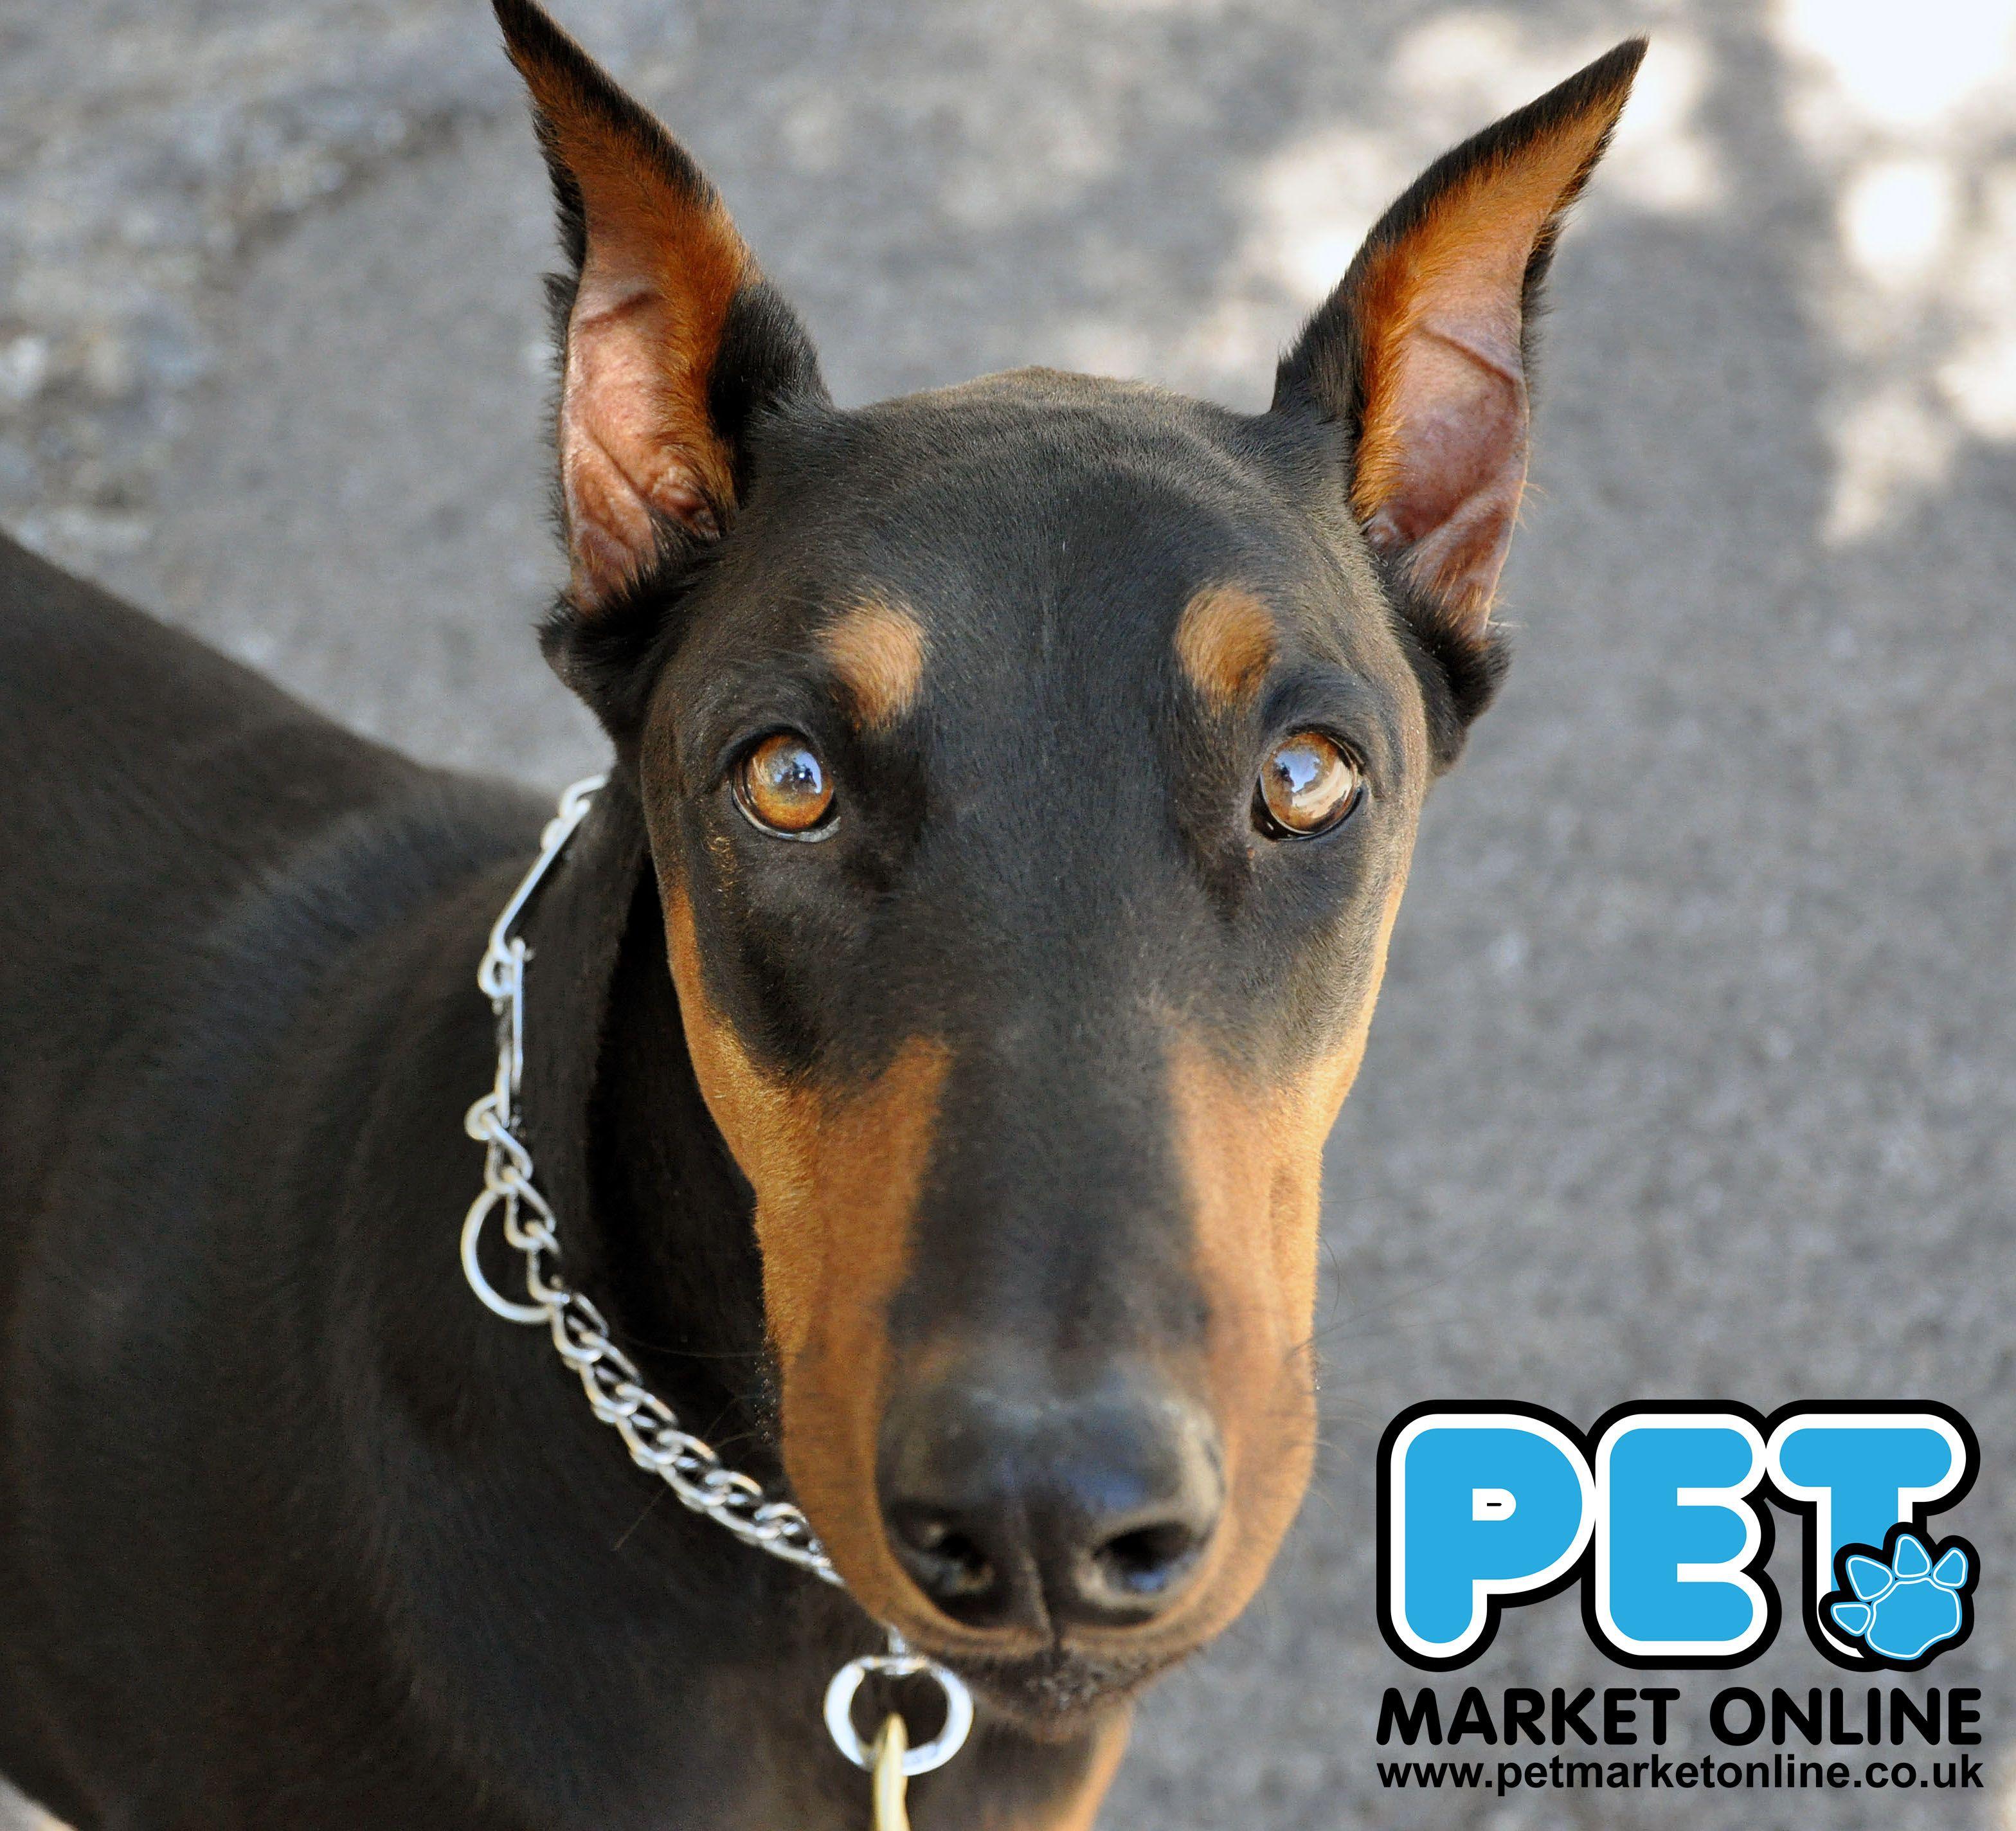 Sunday S Winner Is Doberman Pinscher The Doberman Pinscher Alternatively Spelled Dobermann In Many Co Doberman Pinscher Dog Dog Breeds Doberman Pinscher